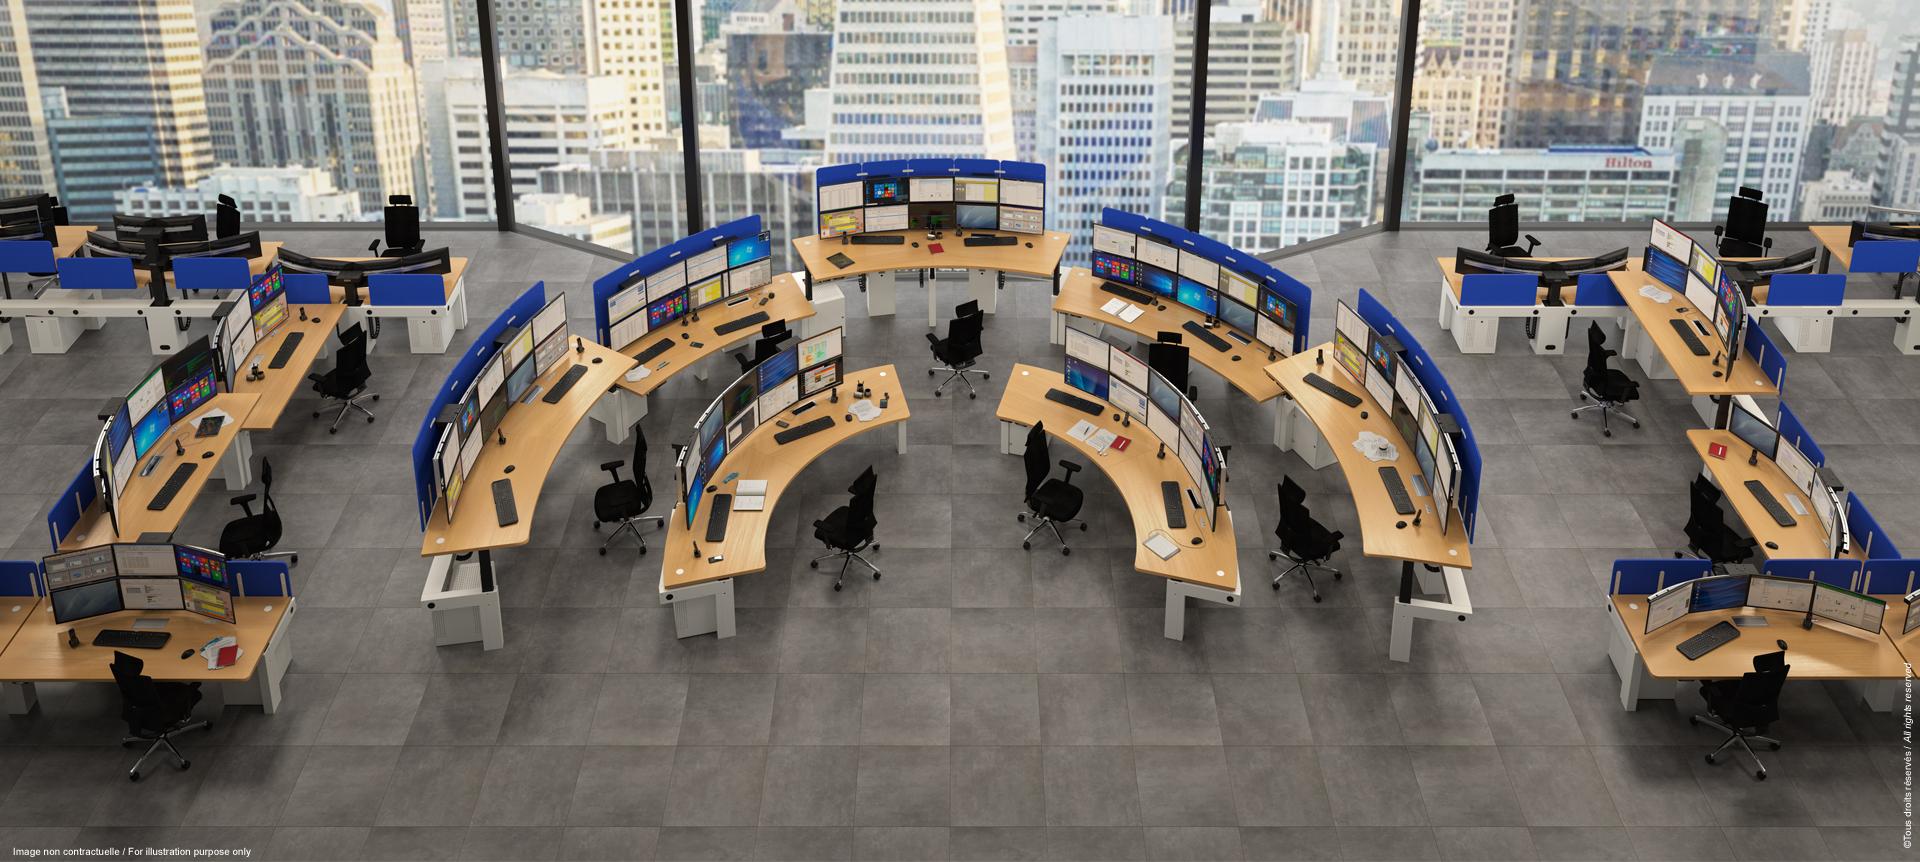 Salle opérationnelle SNCF avec consoles ergonomiques multiécrans I-Kube